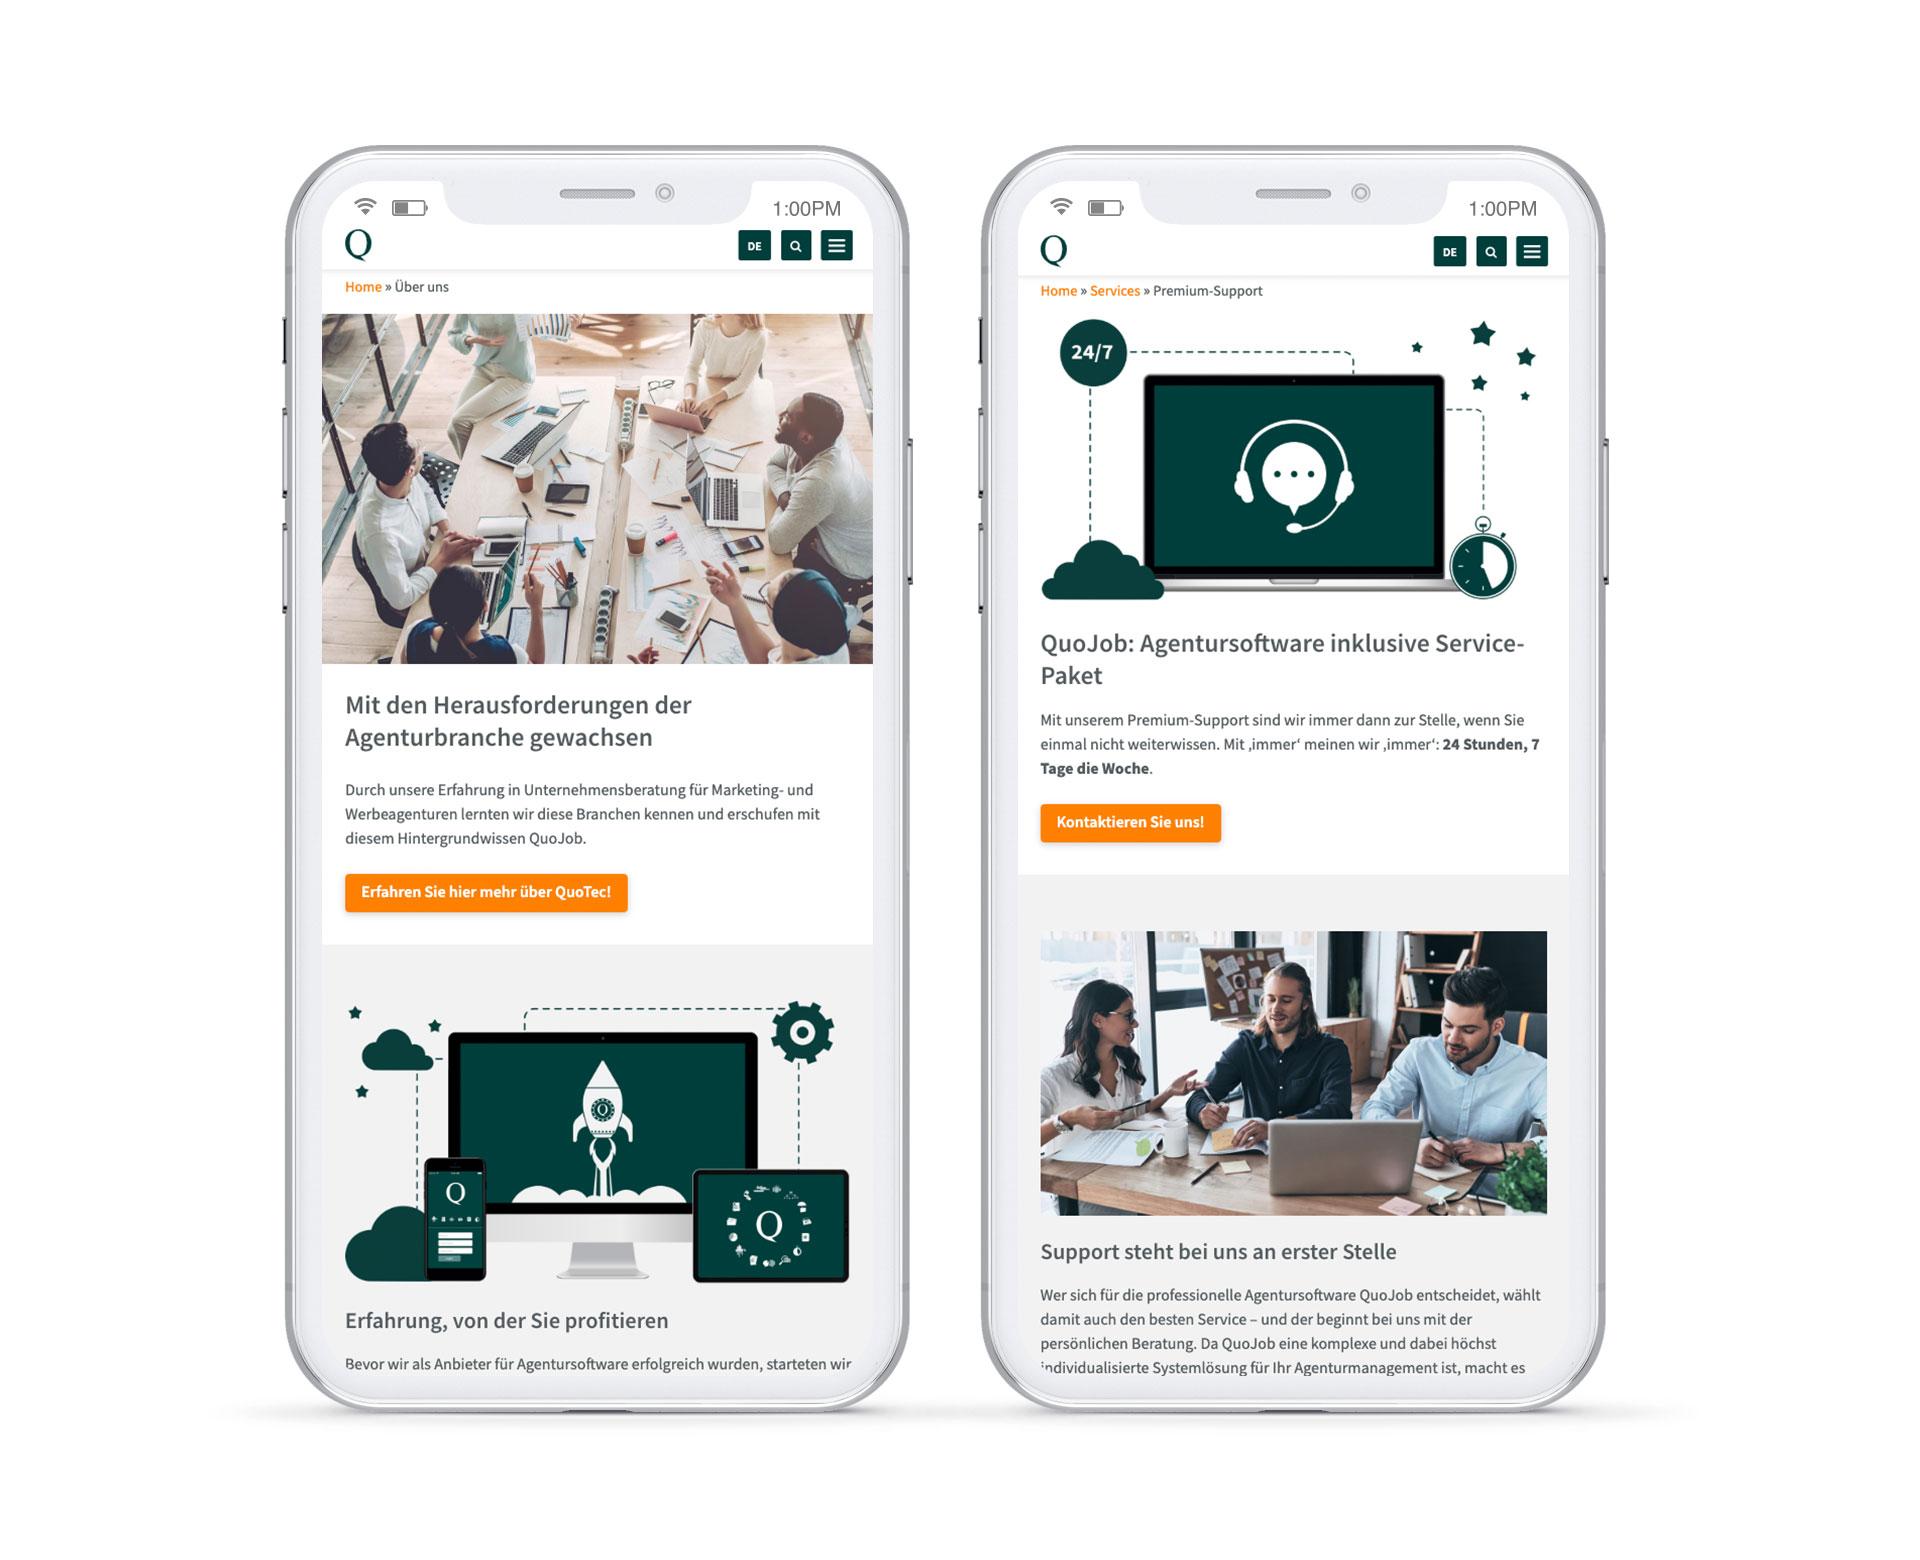 Mobilde Smartphone Ansicht von QuoJob Website mit Fotos und Erklärtexten